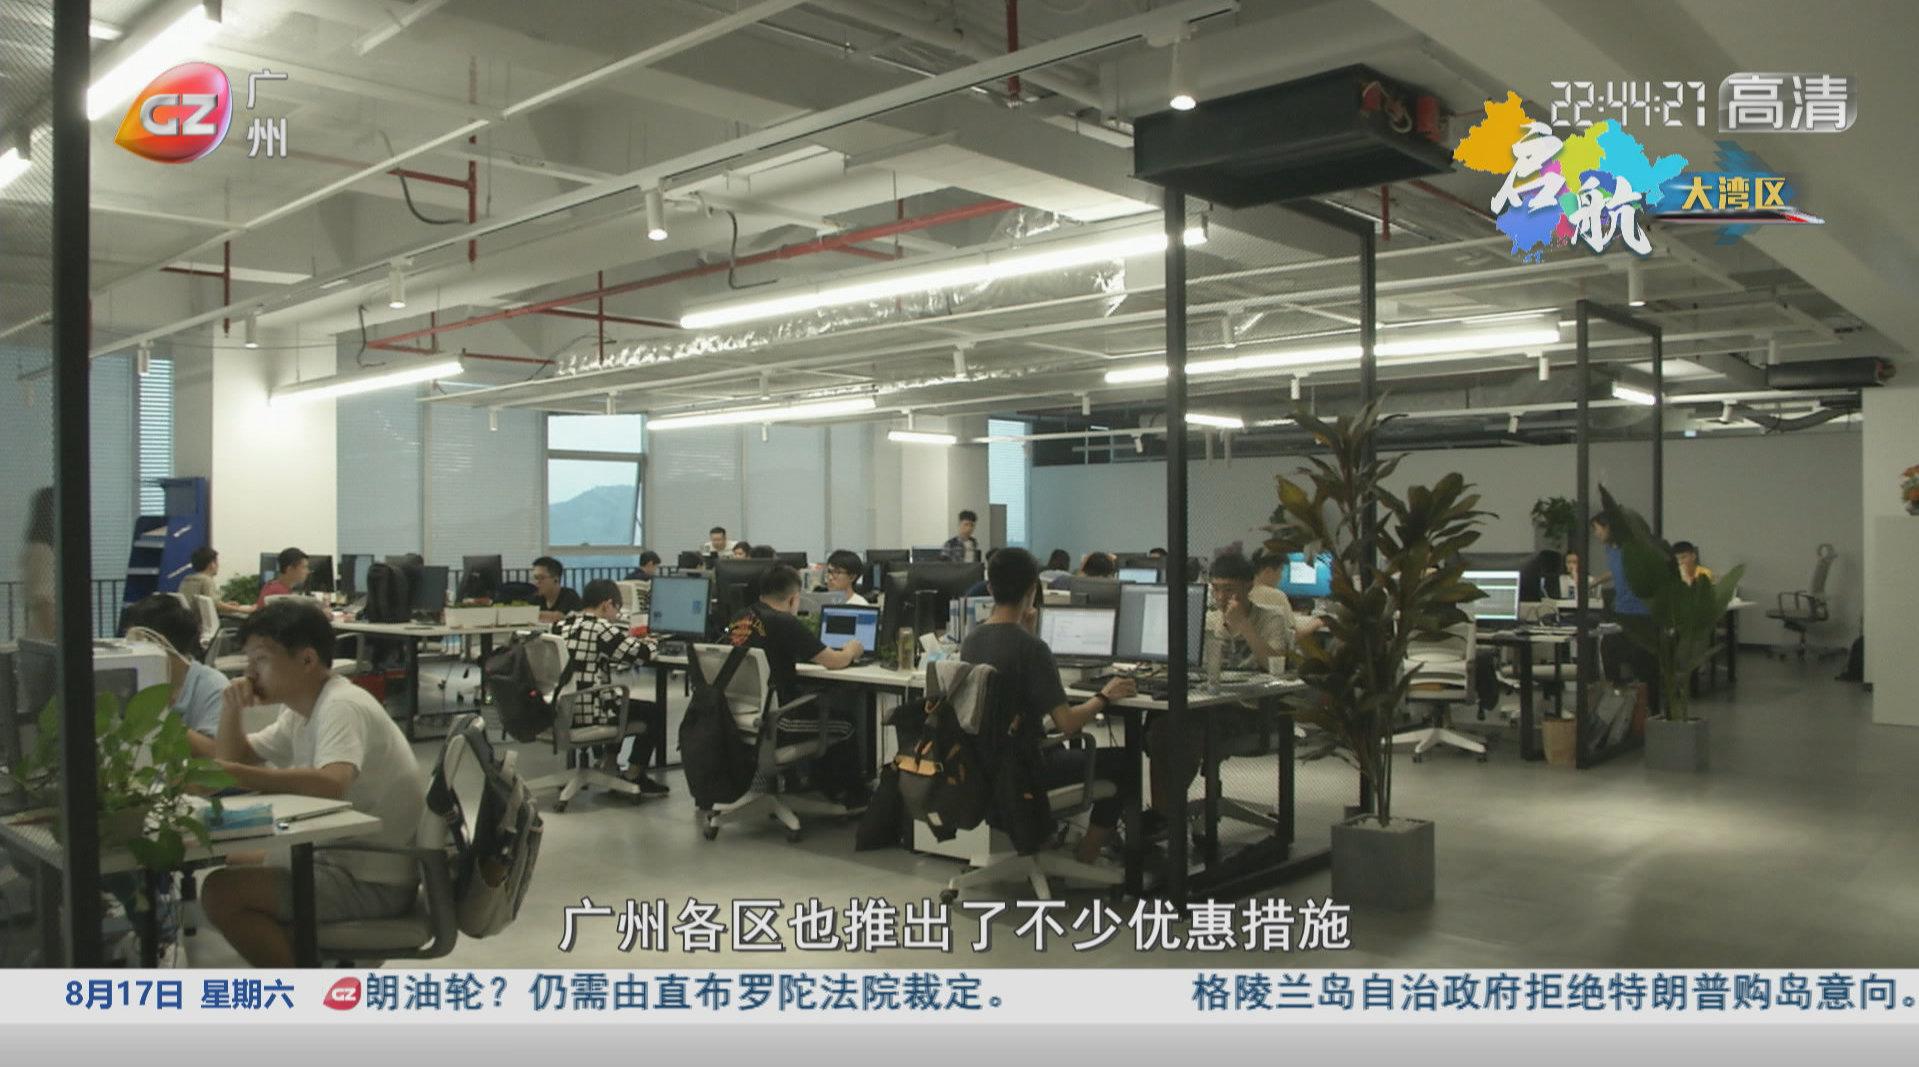 广州提供更广阔空间 圆青年创业梦